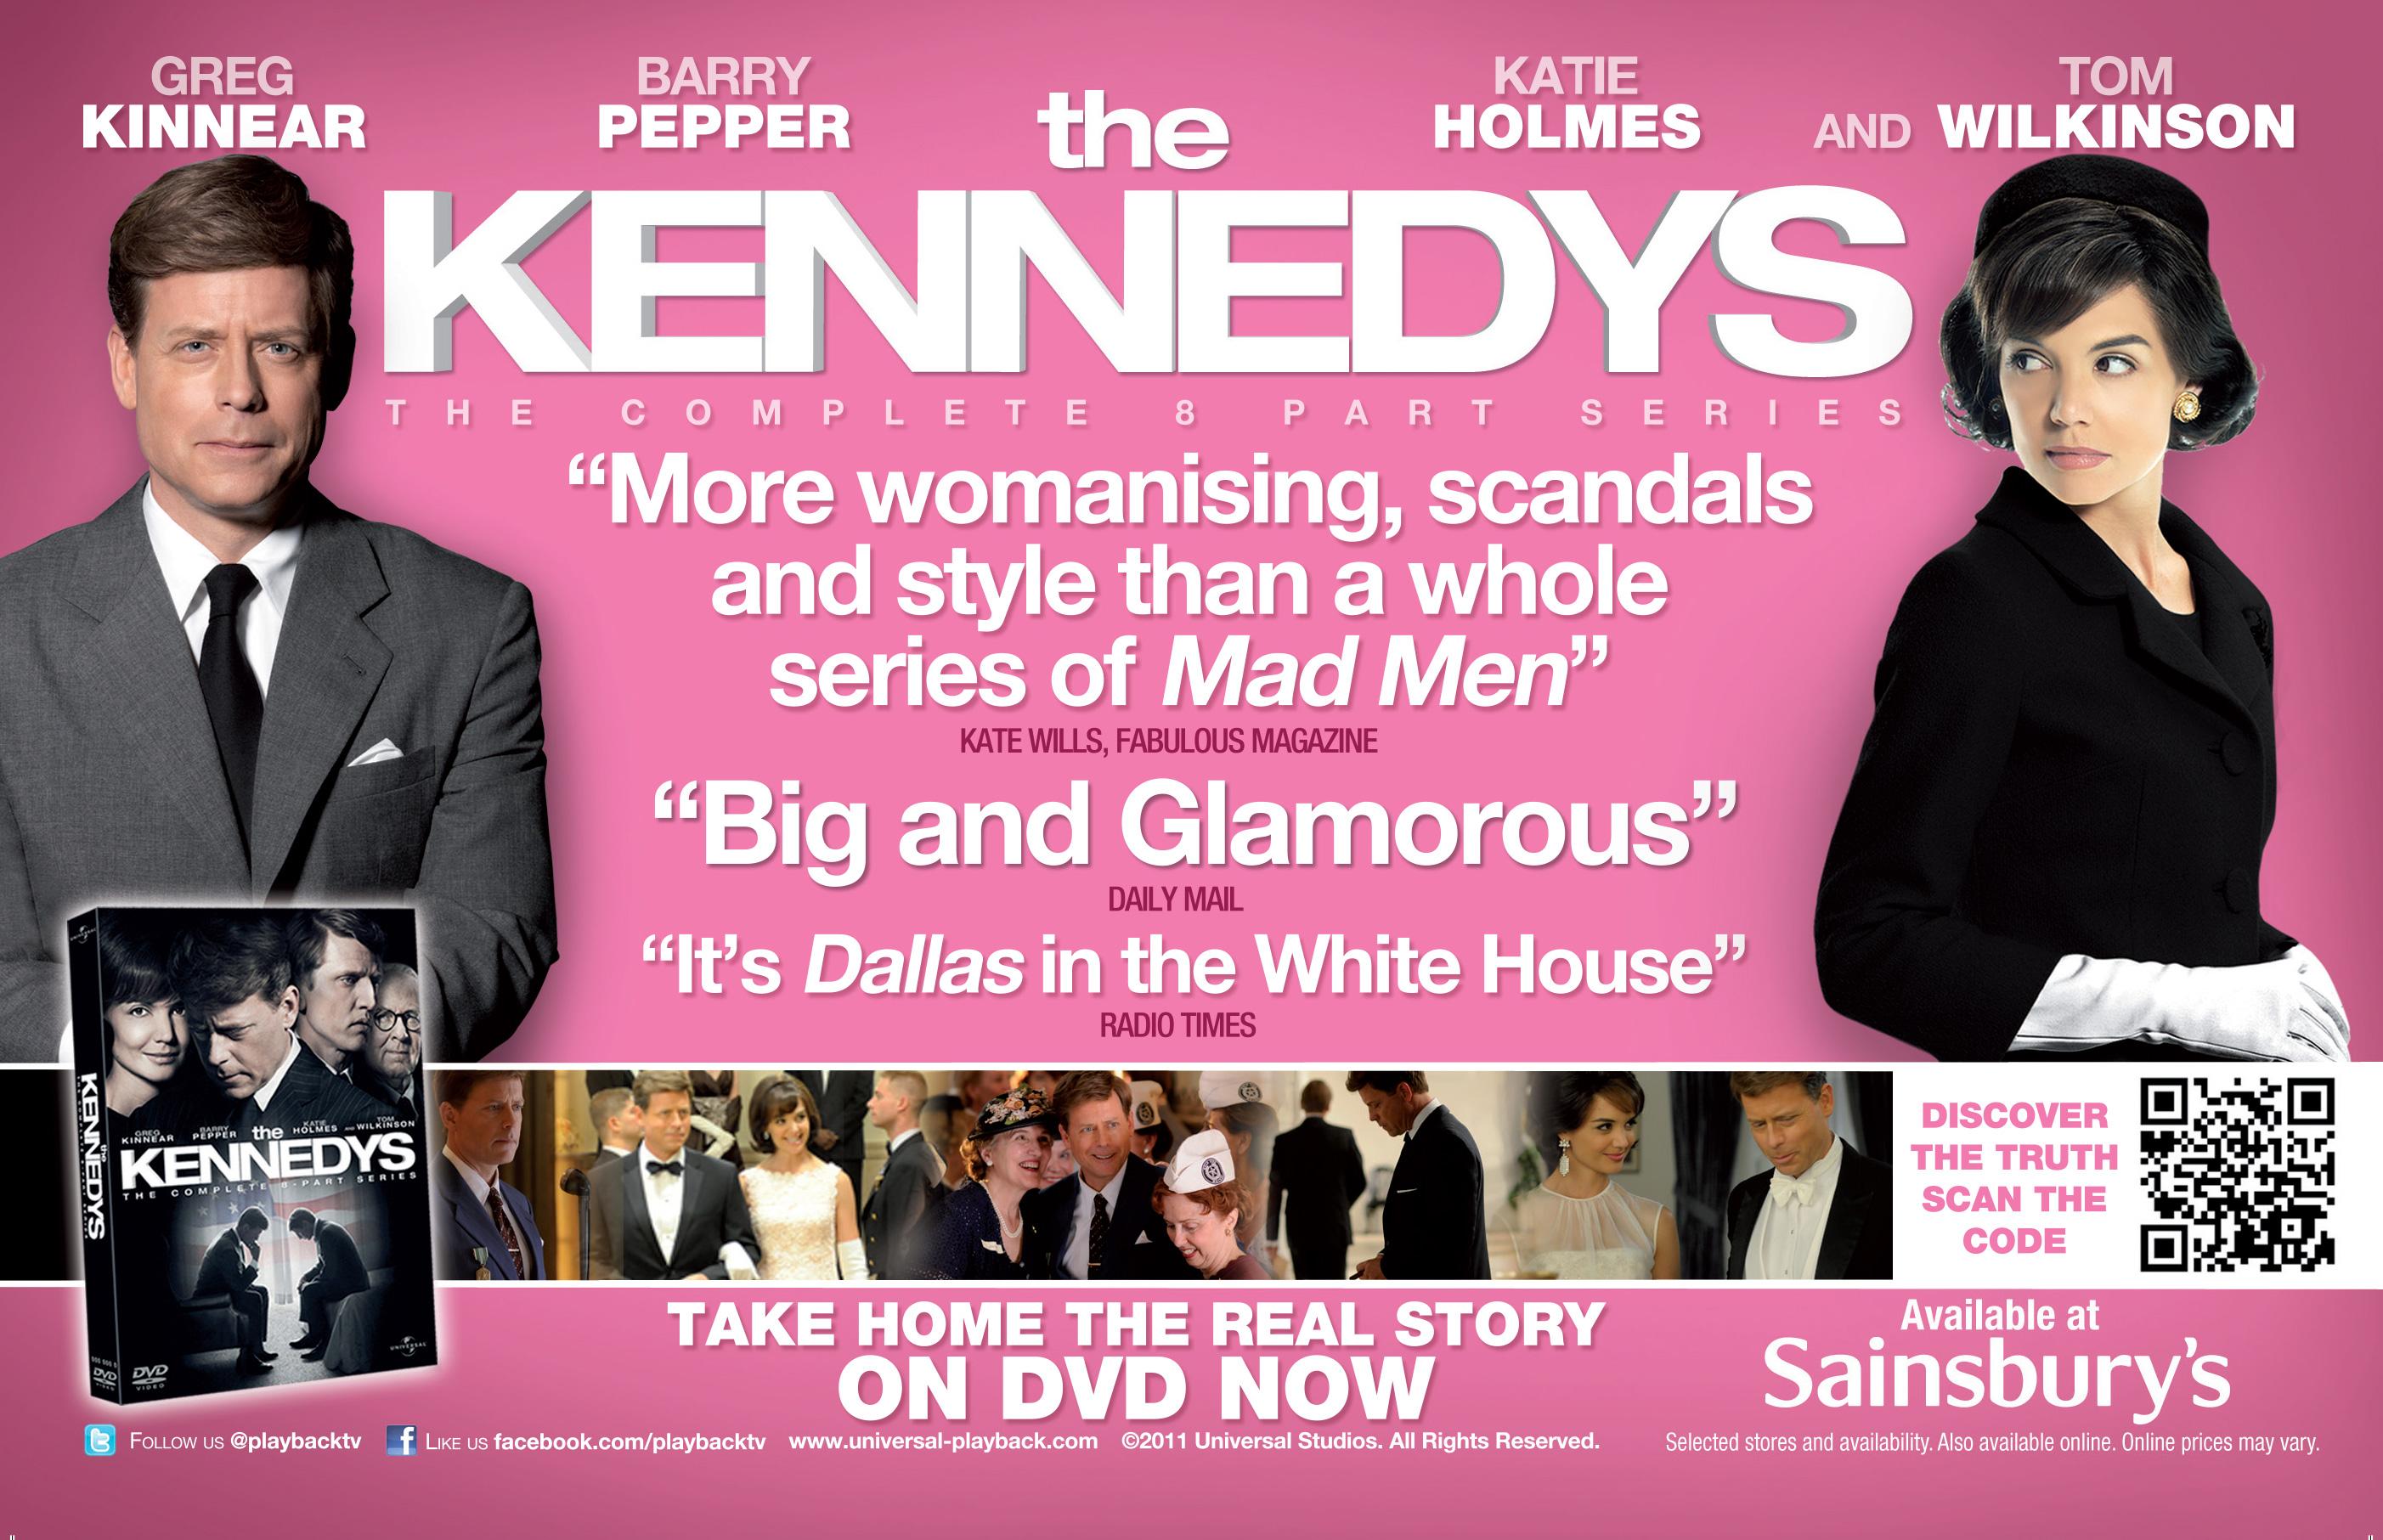 The Kennedys female skewed